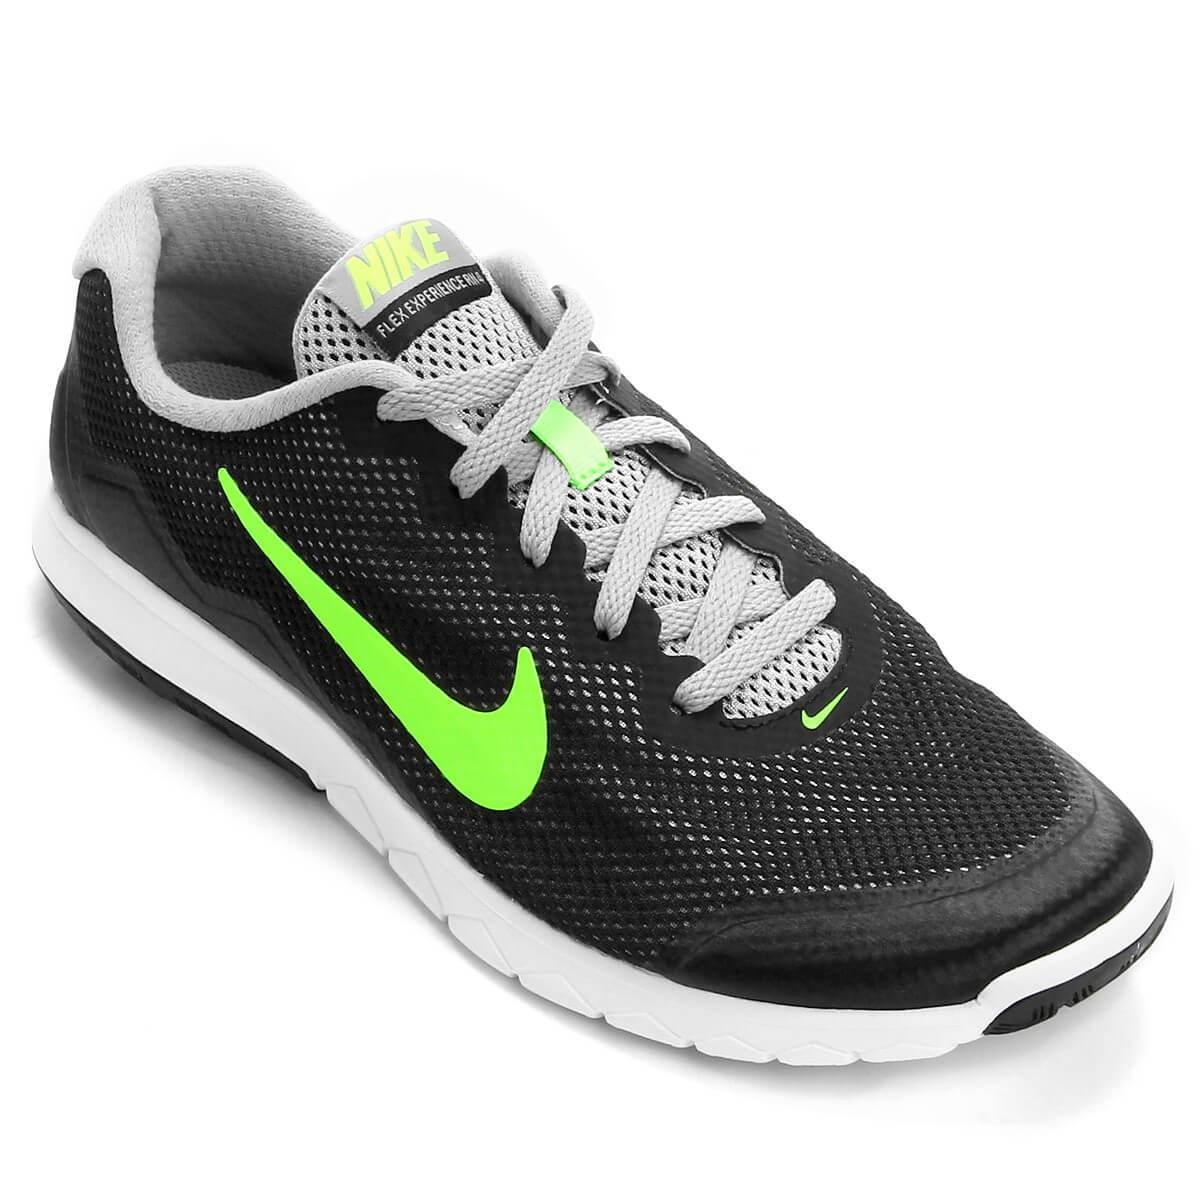 Tênis Nike Flex Experience RN 4 Masculino - Decker Online! 20d37d8d99d20